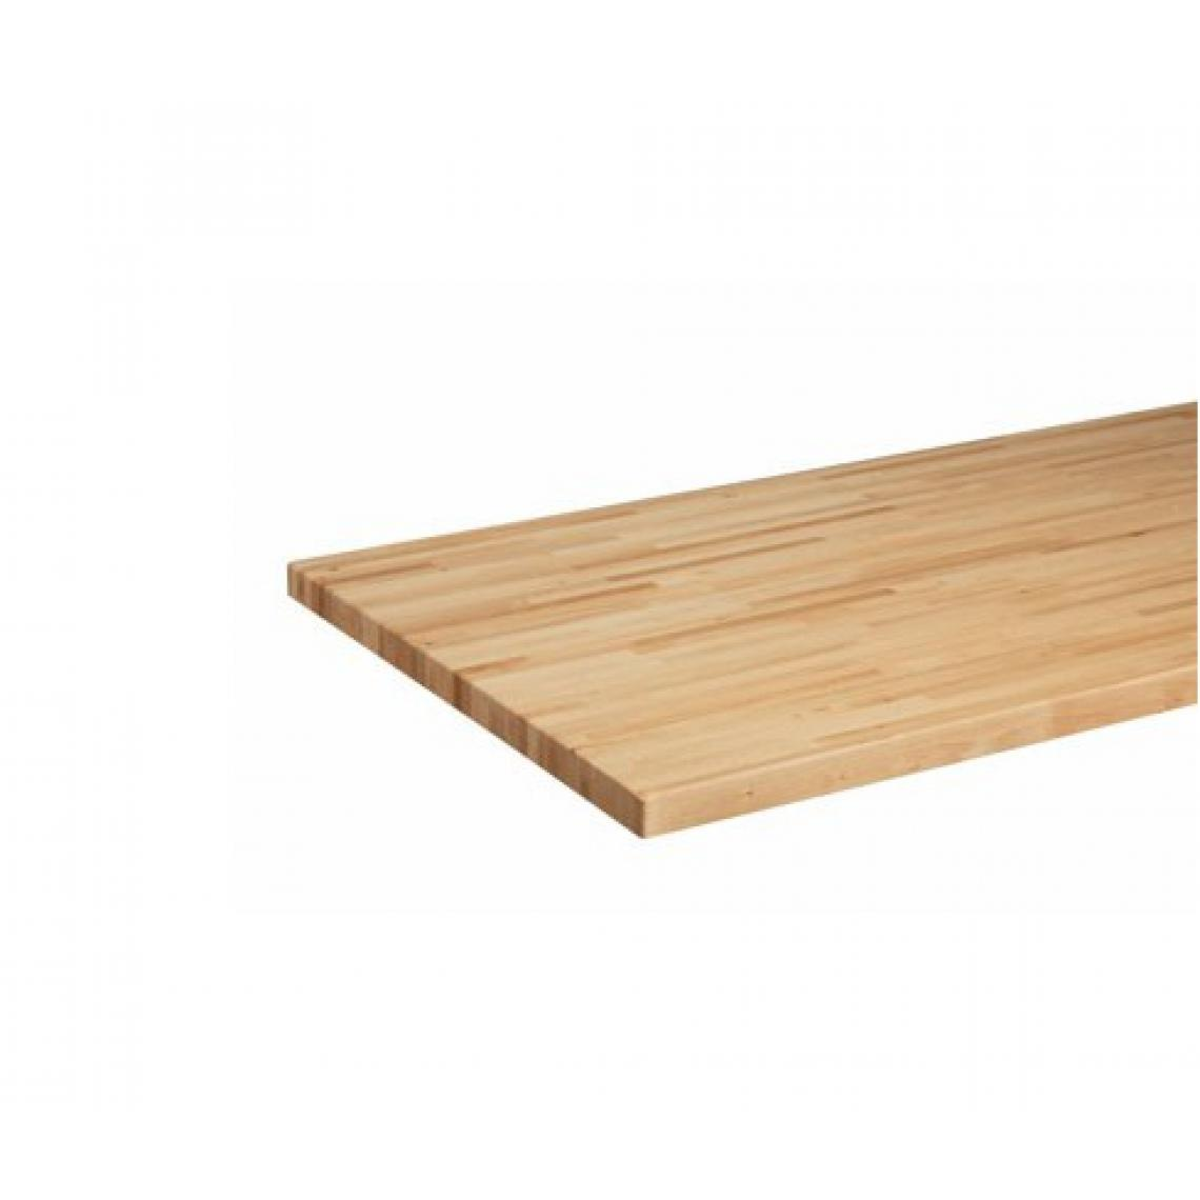 Kupper Kupper - Panneau de bois massif pour établi 60x60cm